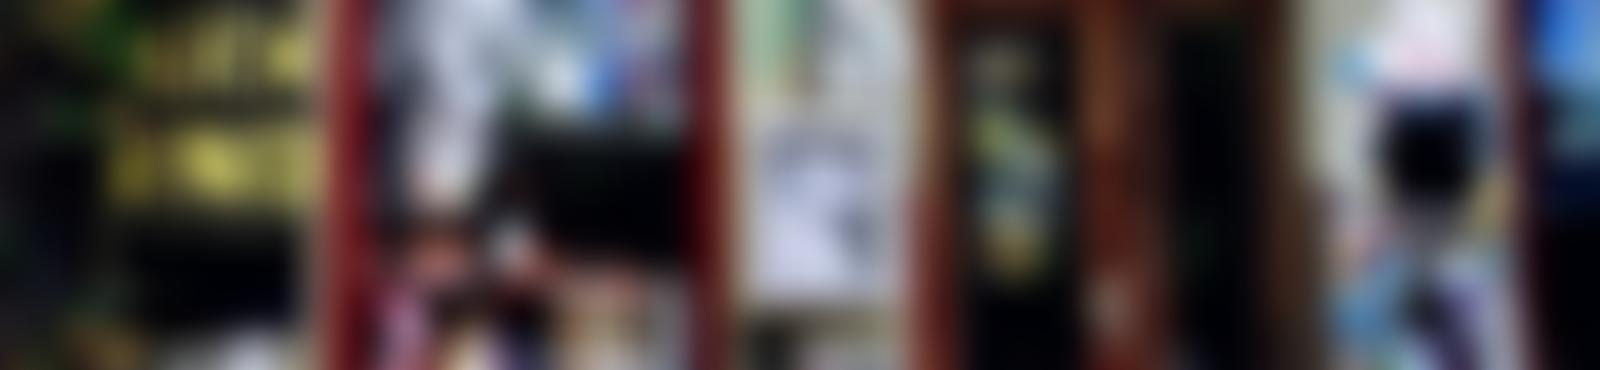 Blurred lichtblickkinoii